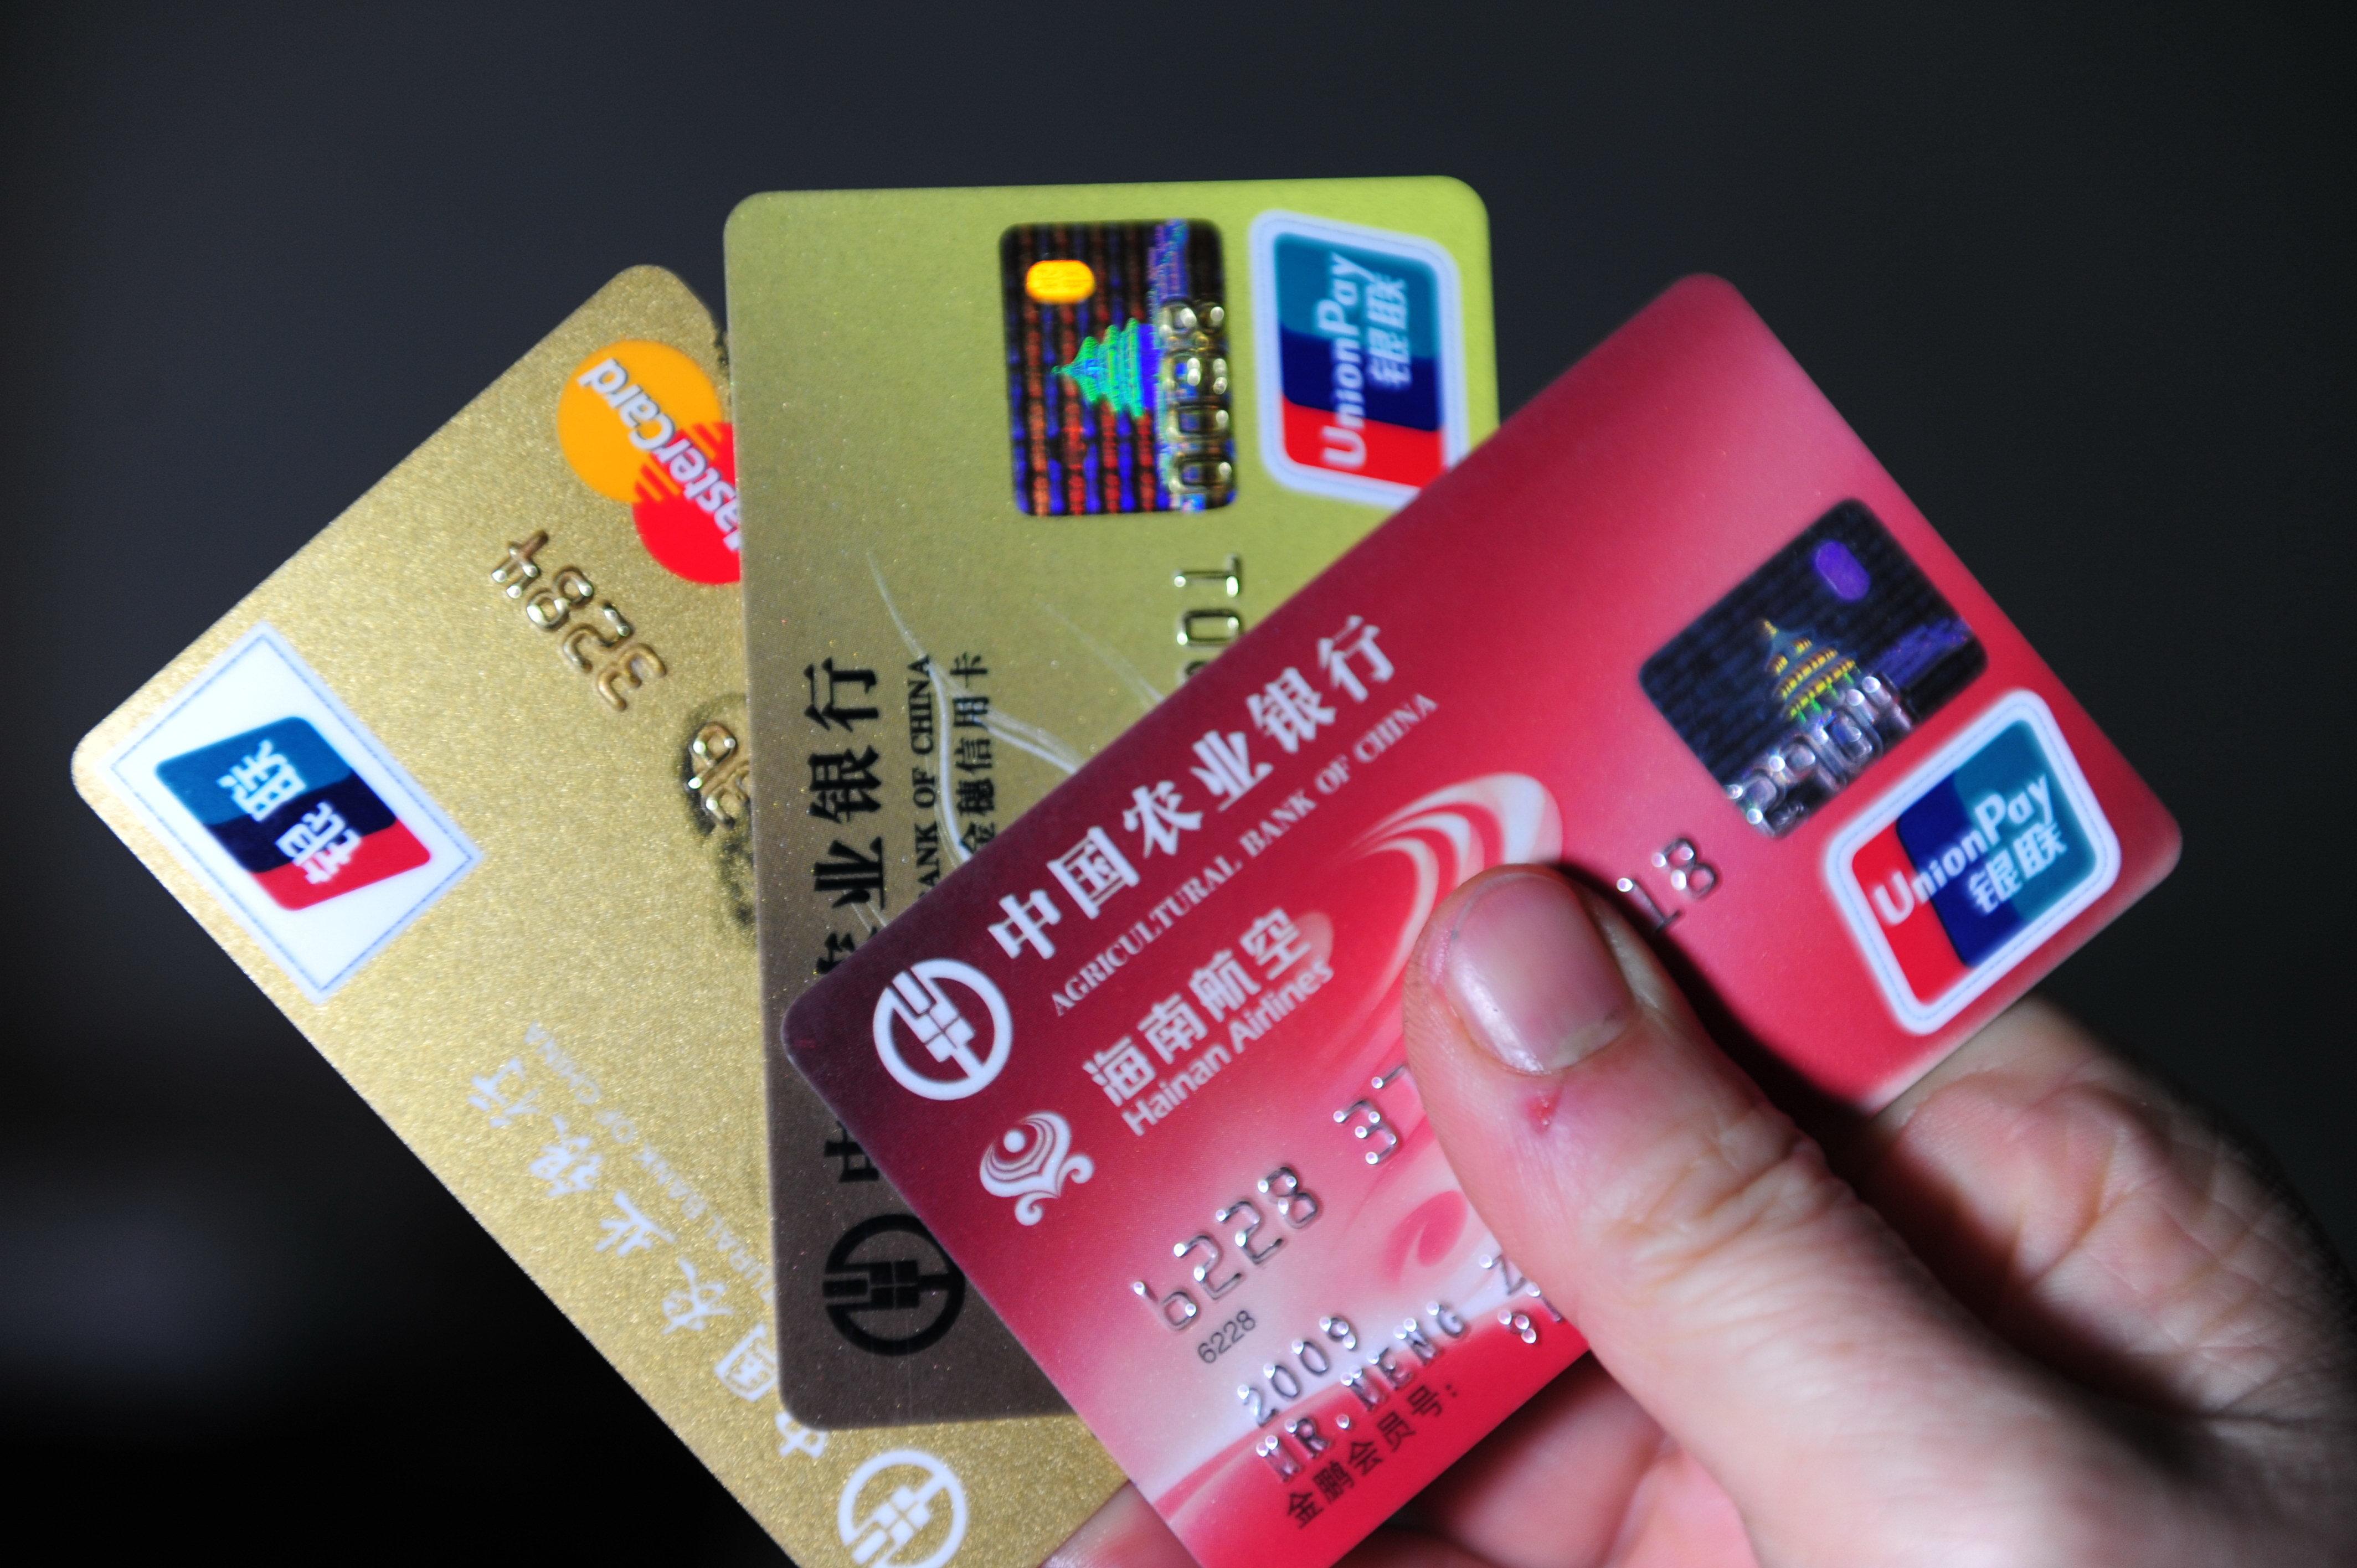 你办信用卡的目的是什么?针对不同目的推荐不同的信用卡!